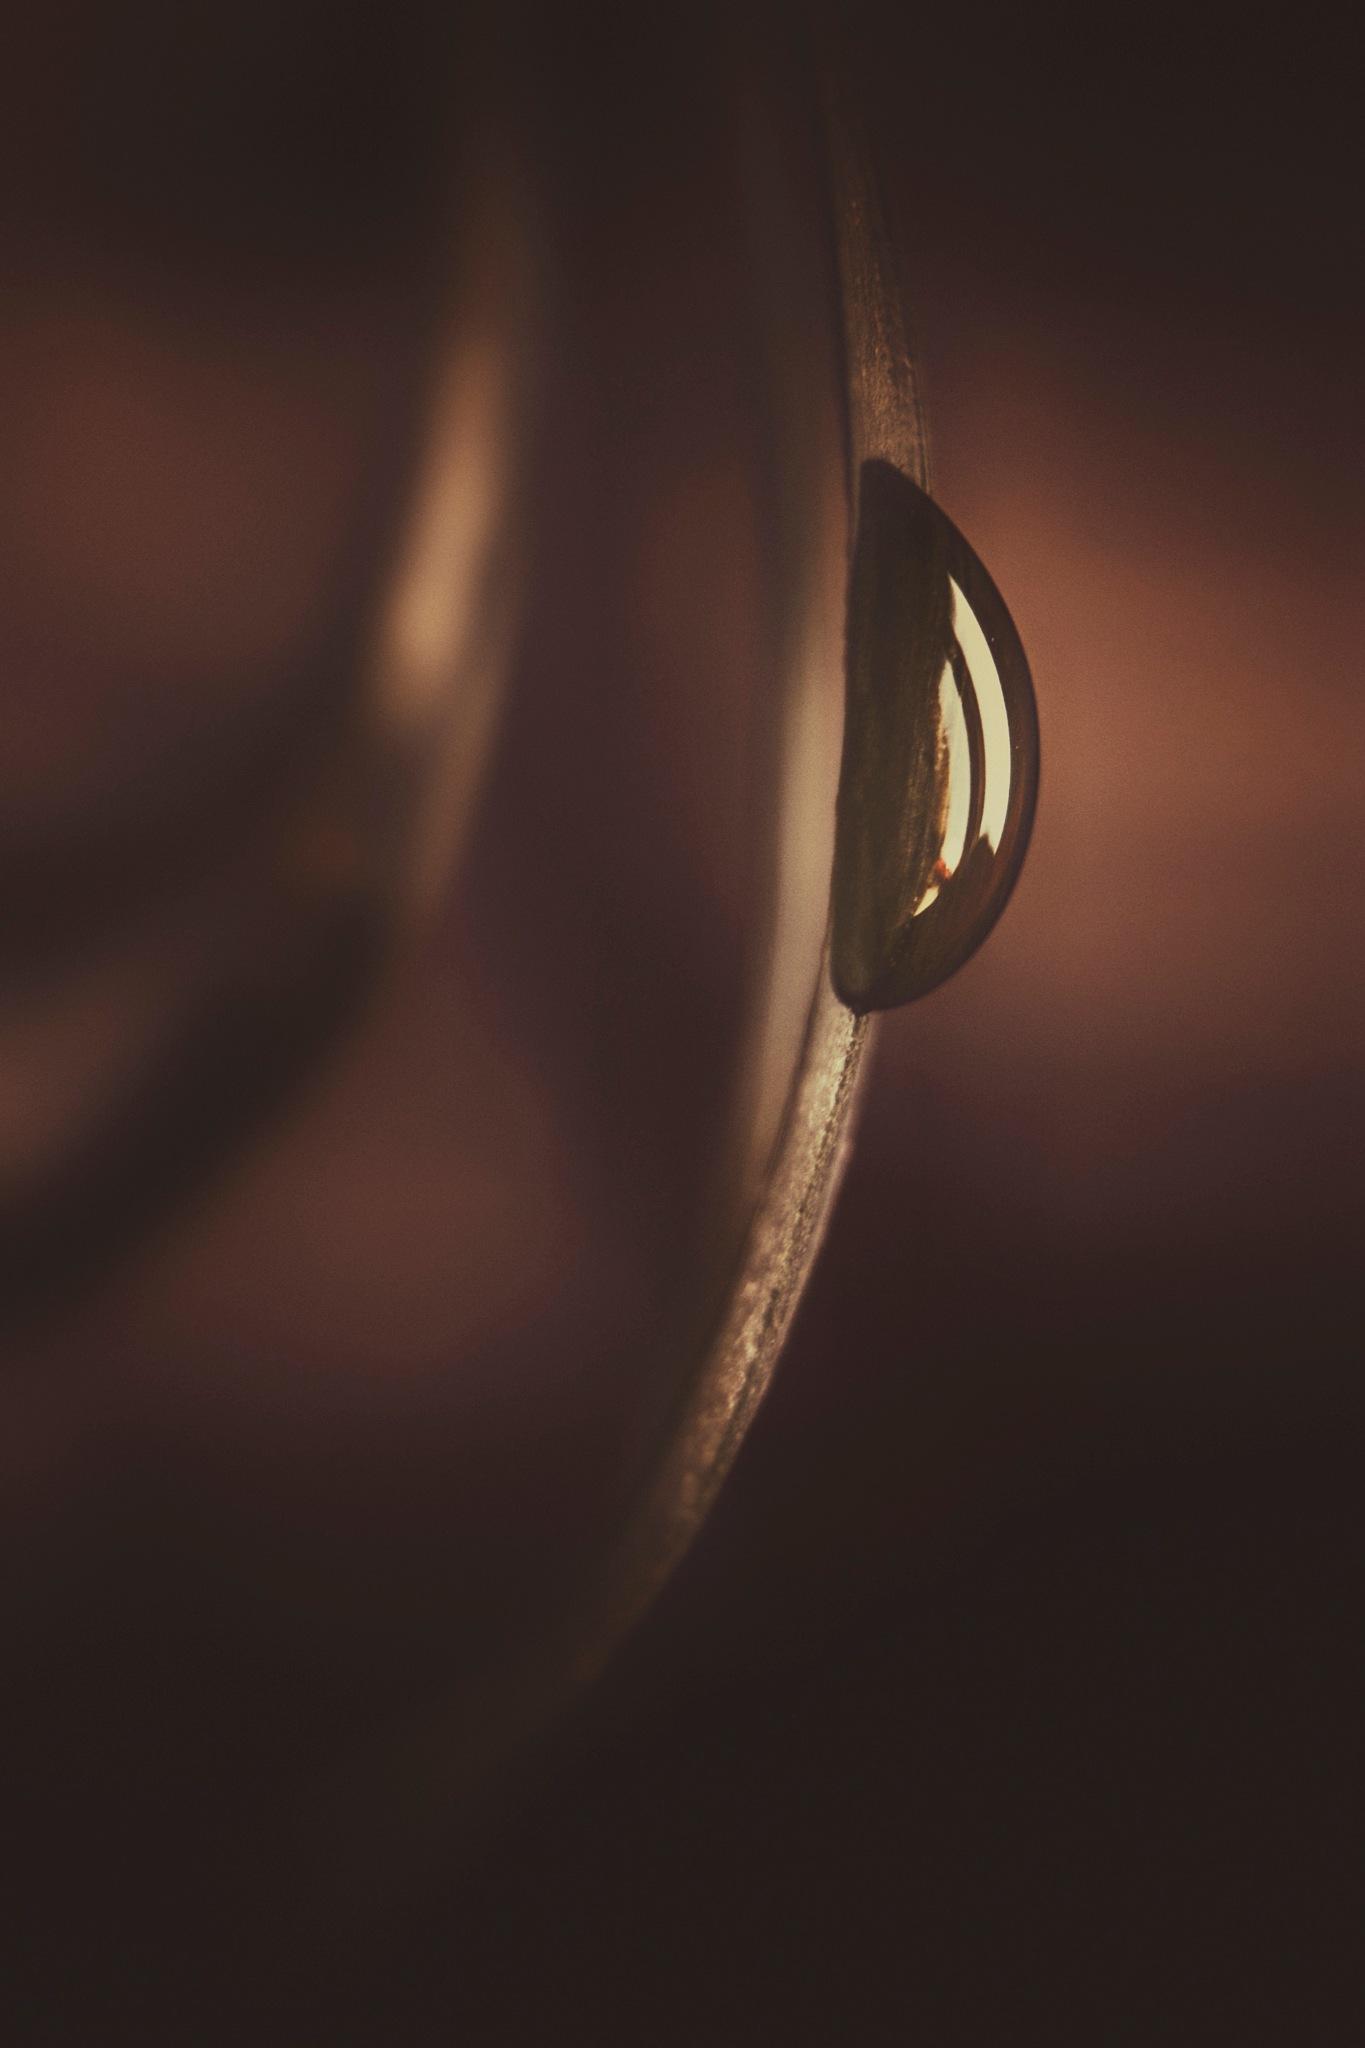 A tear  by Zeeshan Ashraf